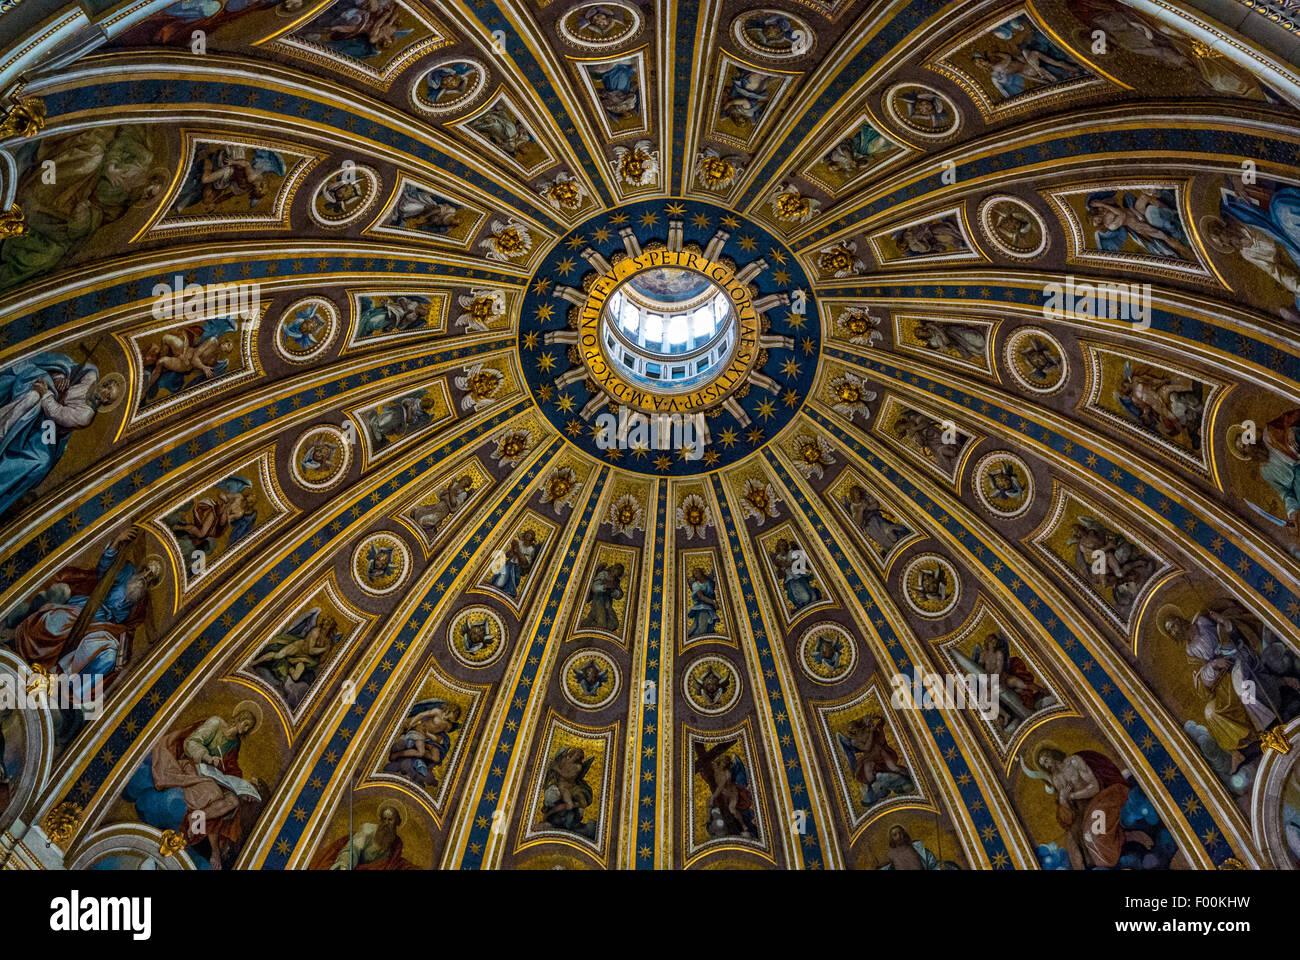 Cúpula interior. La Basílica de San Pedro, Ciudad del Vaticano. Roma. Italia. Imagen De Stock